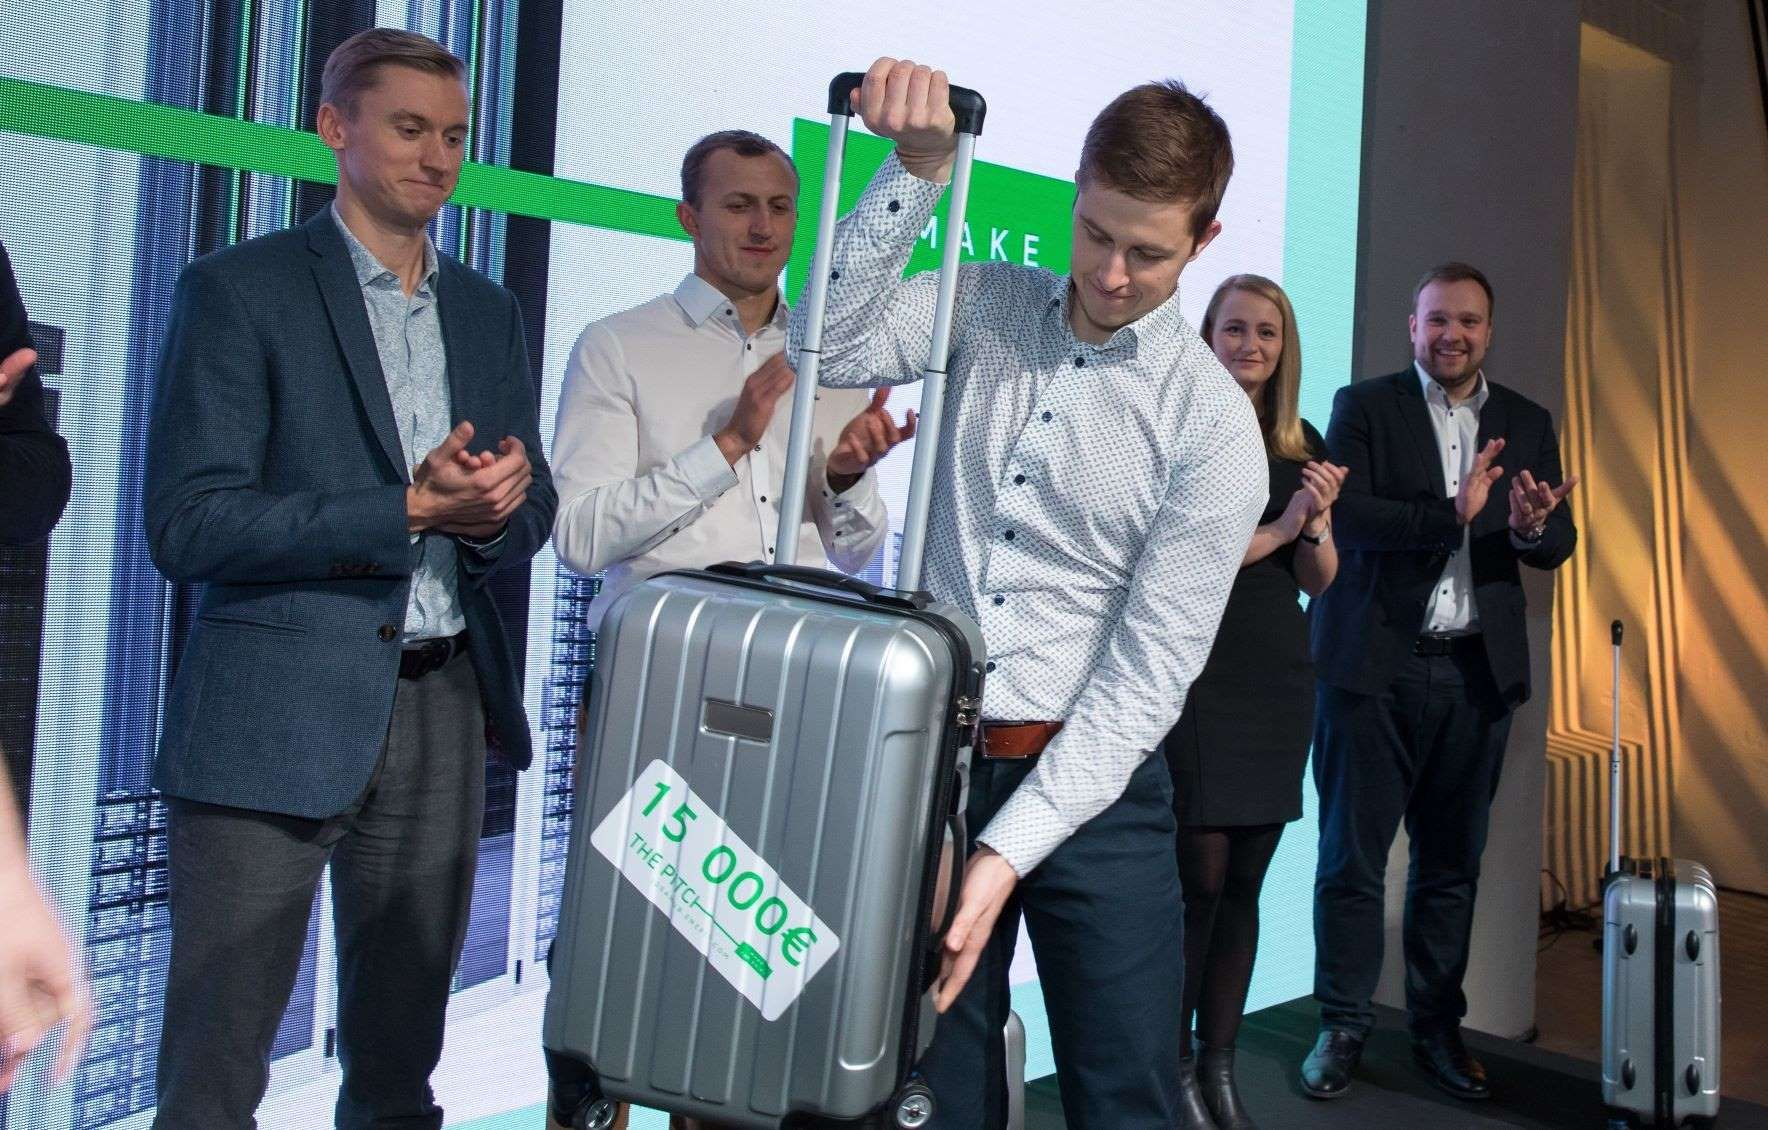 Eesti Energia otsib ideekonkursiga nutikaid lahendusi